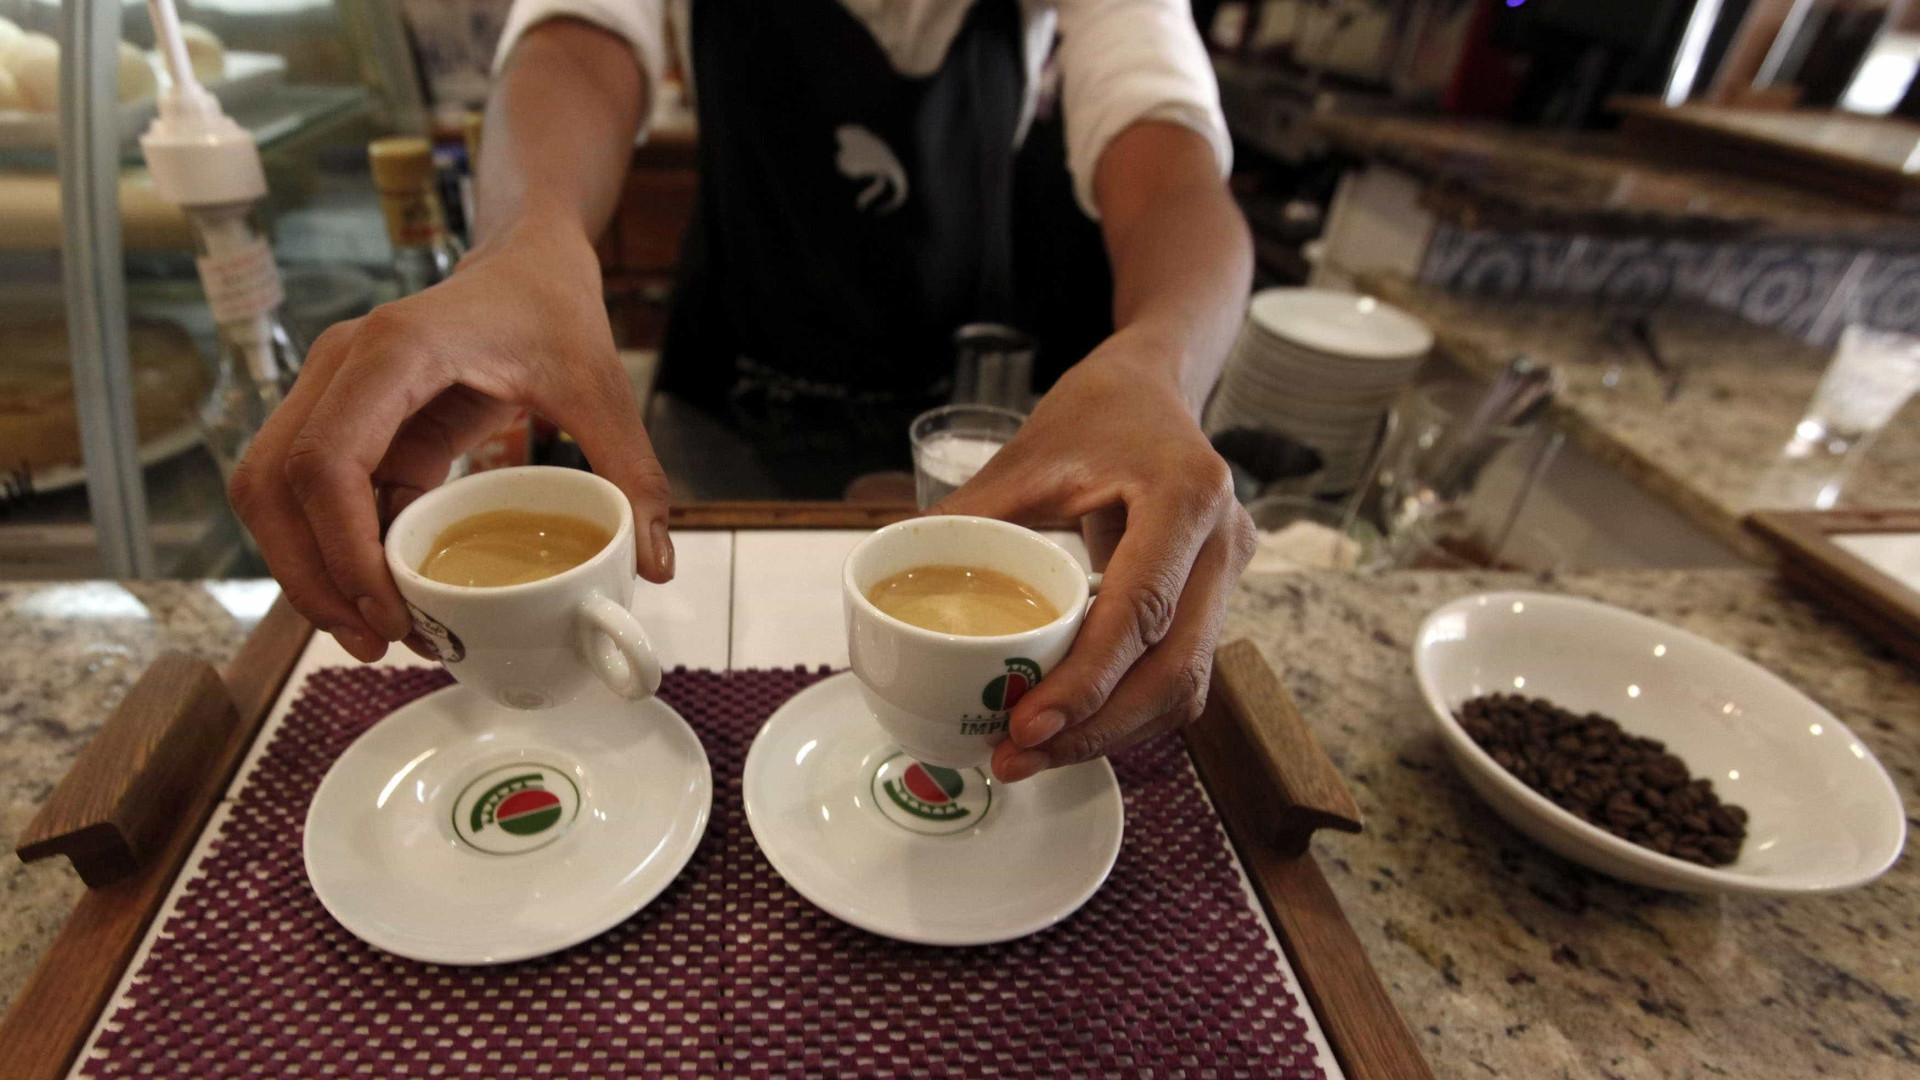 Sabia que o café pode ajudar combater o câncer de intestino?